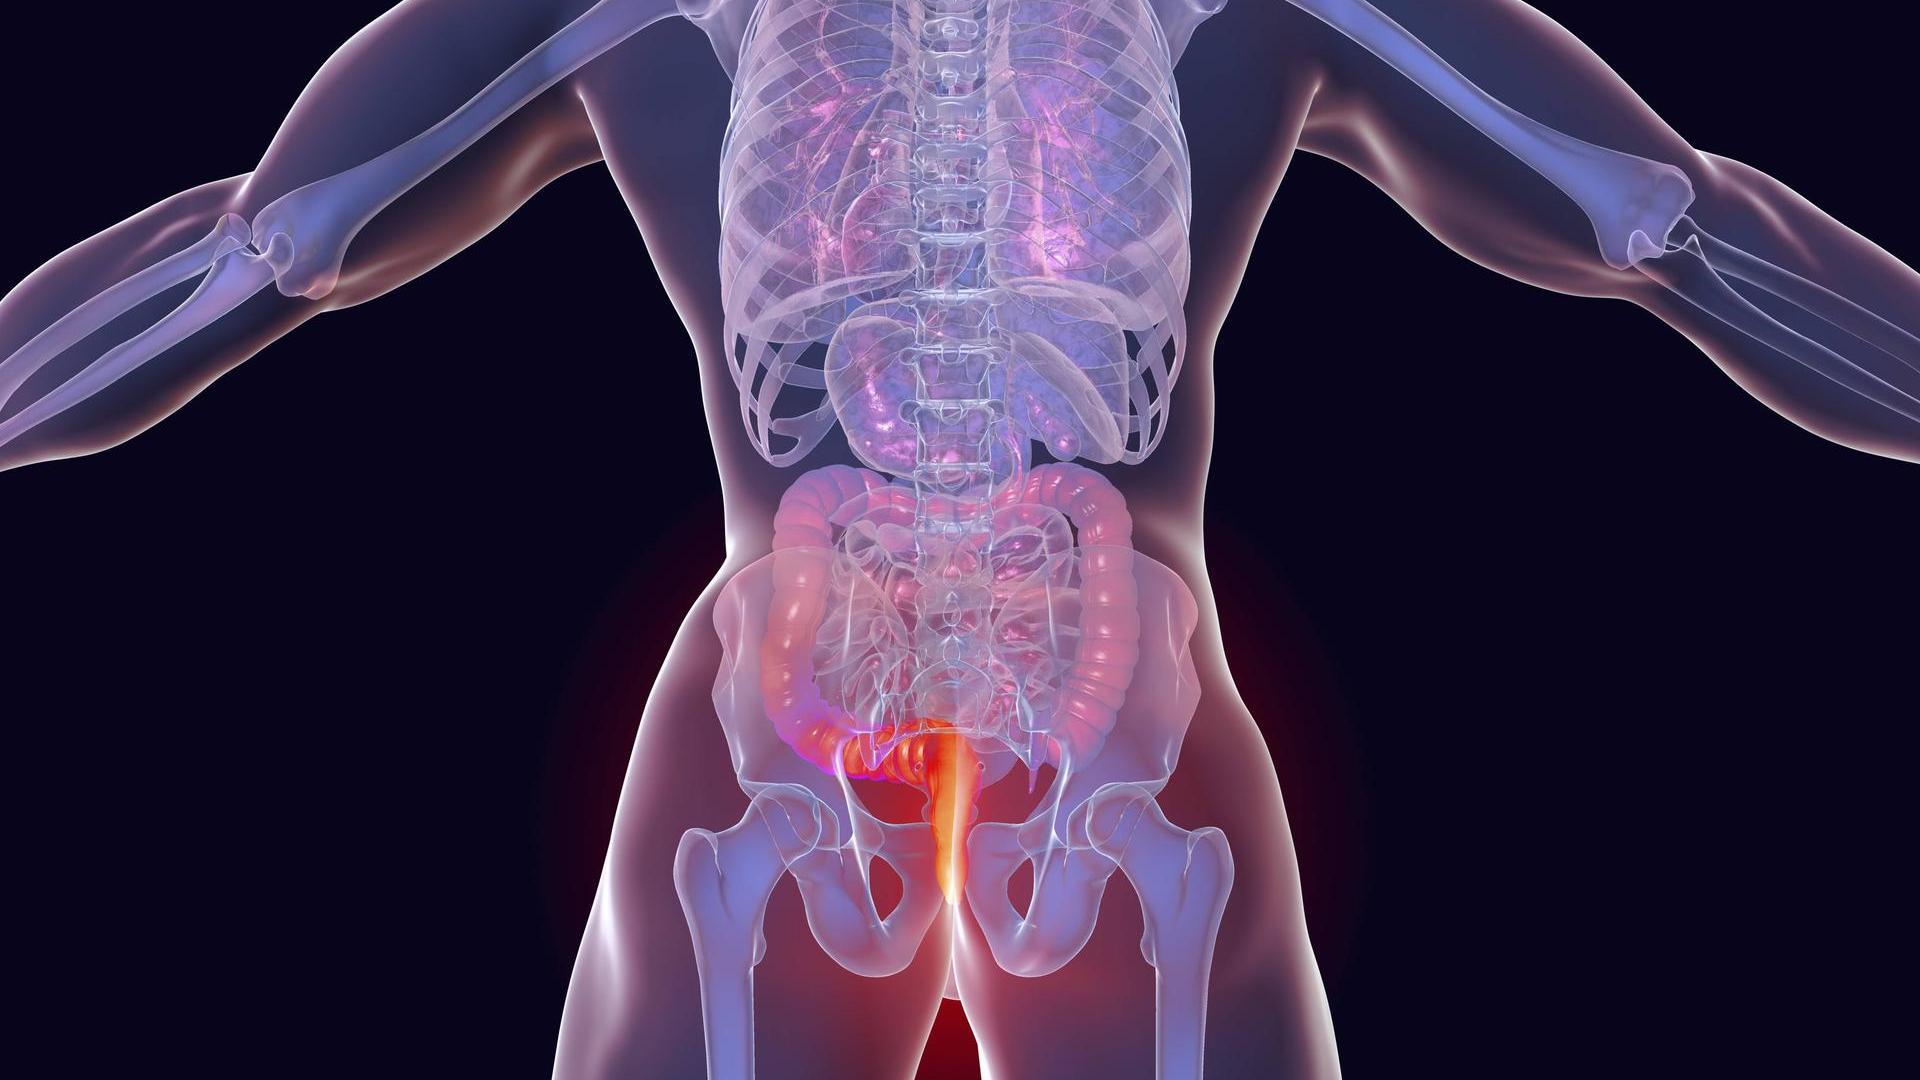 καρκίνος πρωκτού - μοντέλο ψηφιακό